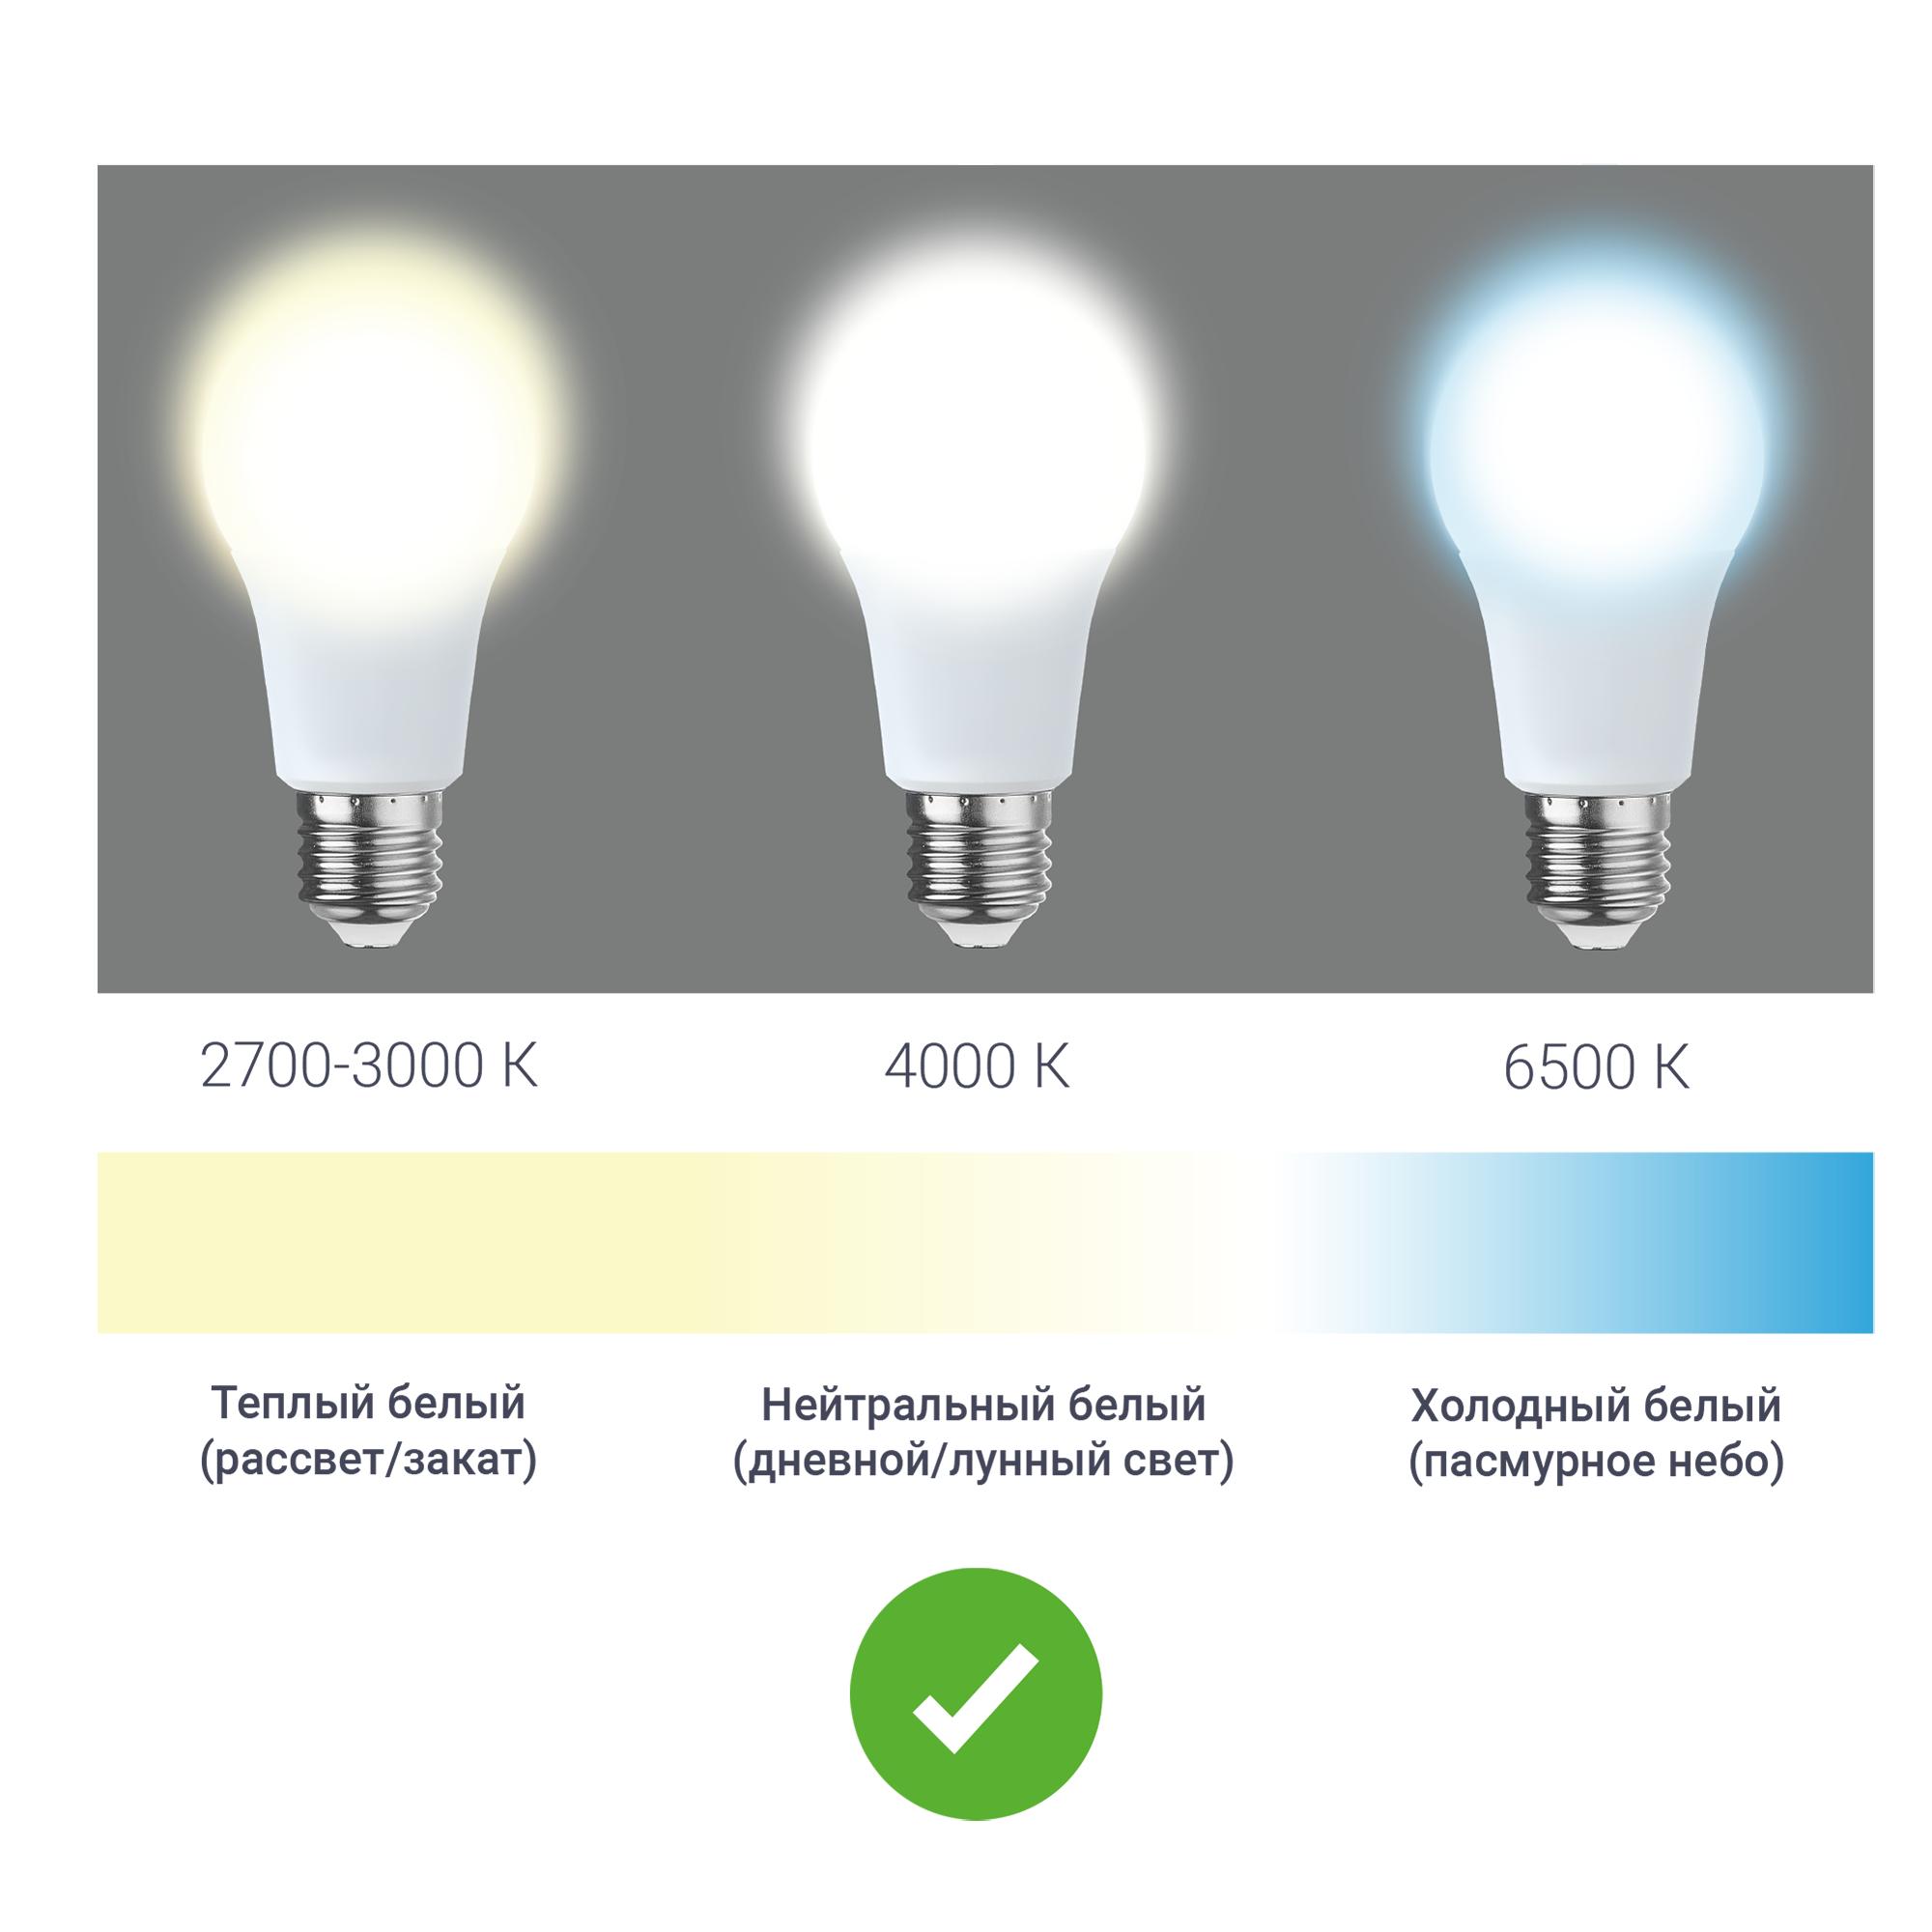 Лампа светодиодная Osram E27 220 В 5 Вт шар 660 лм холодный белый свет